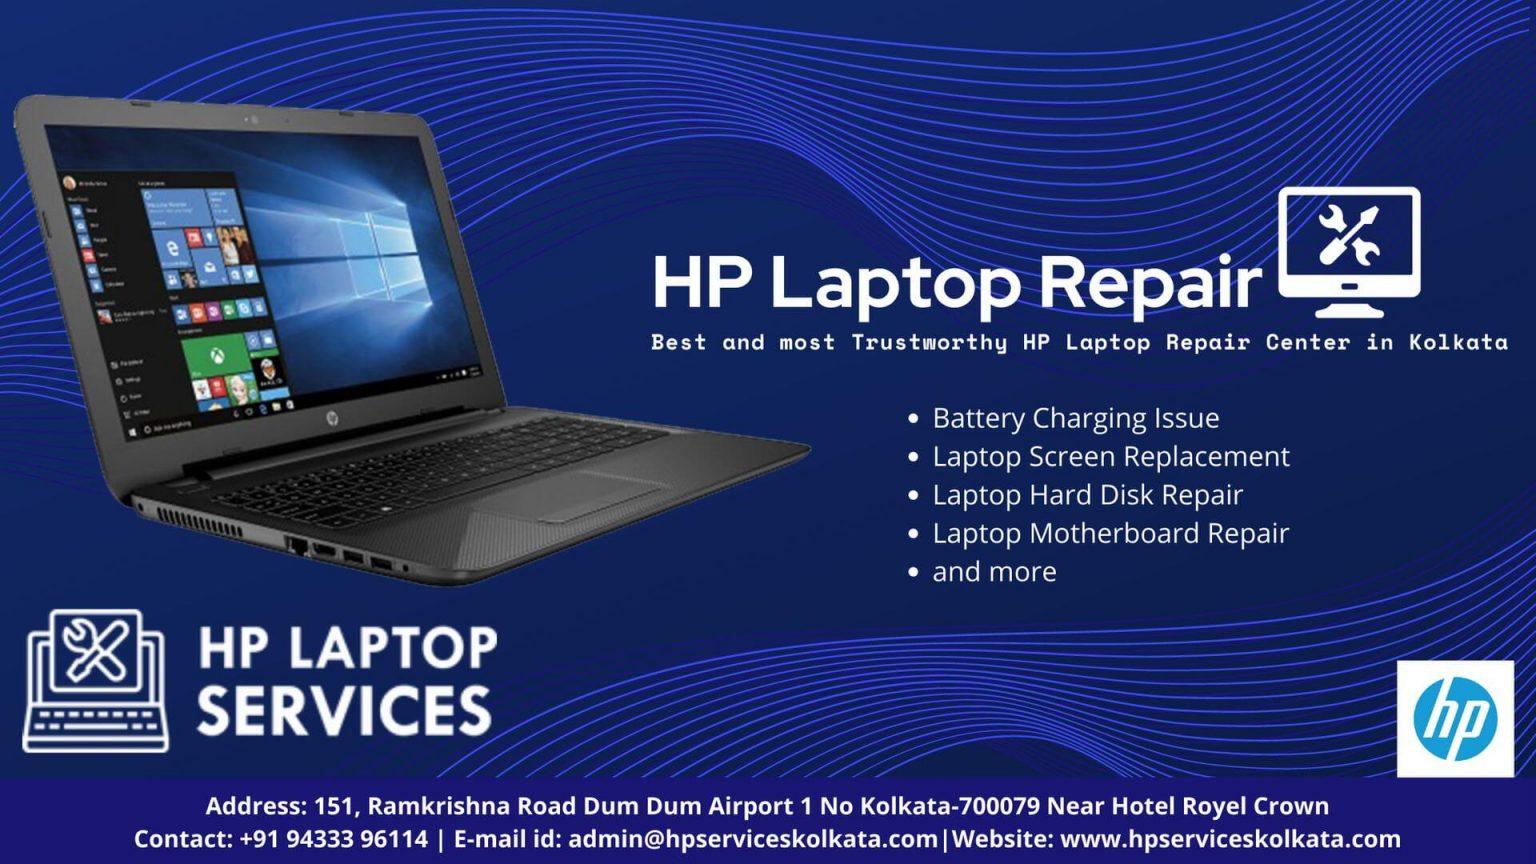 HP Service Center in Kolkata